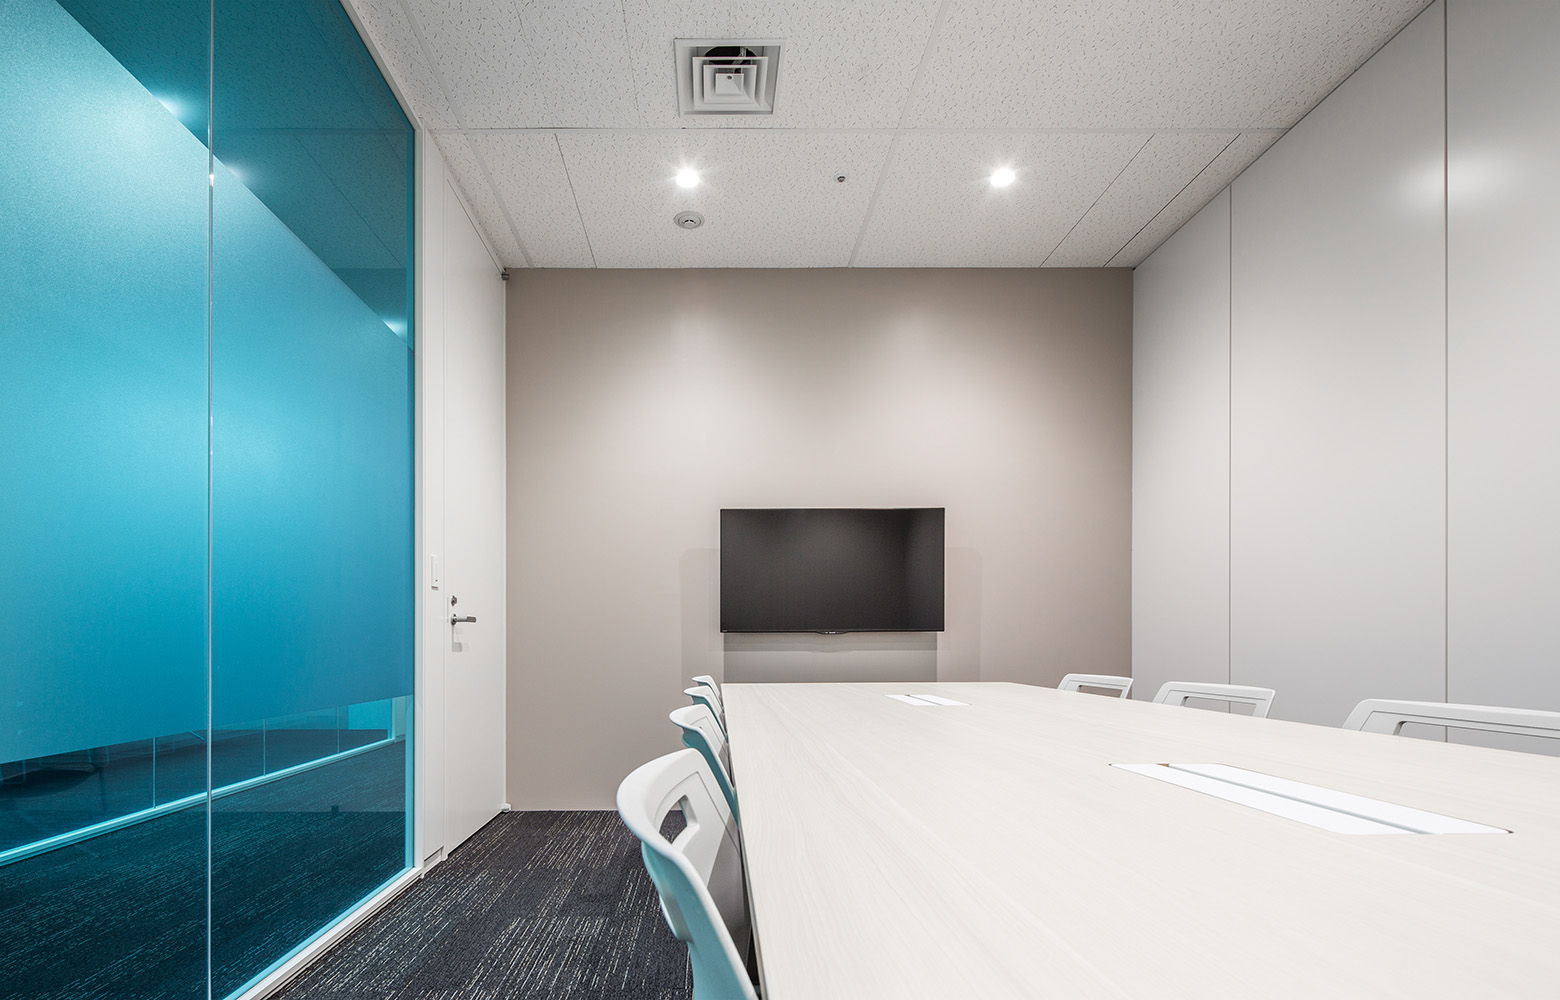 株式会社パピレス Meeting Room デザイン・レイアウト事例